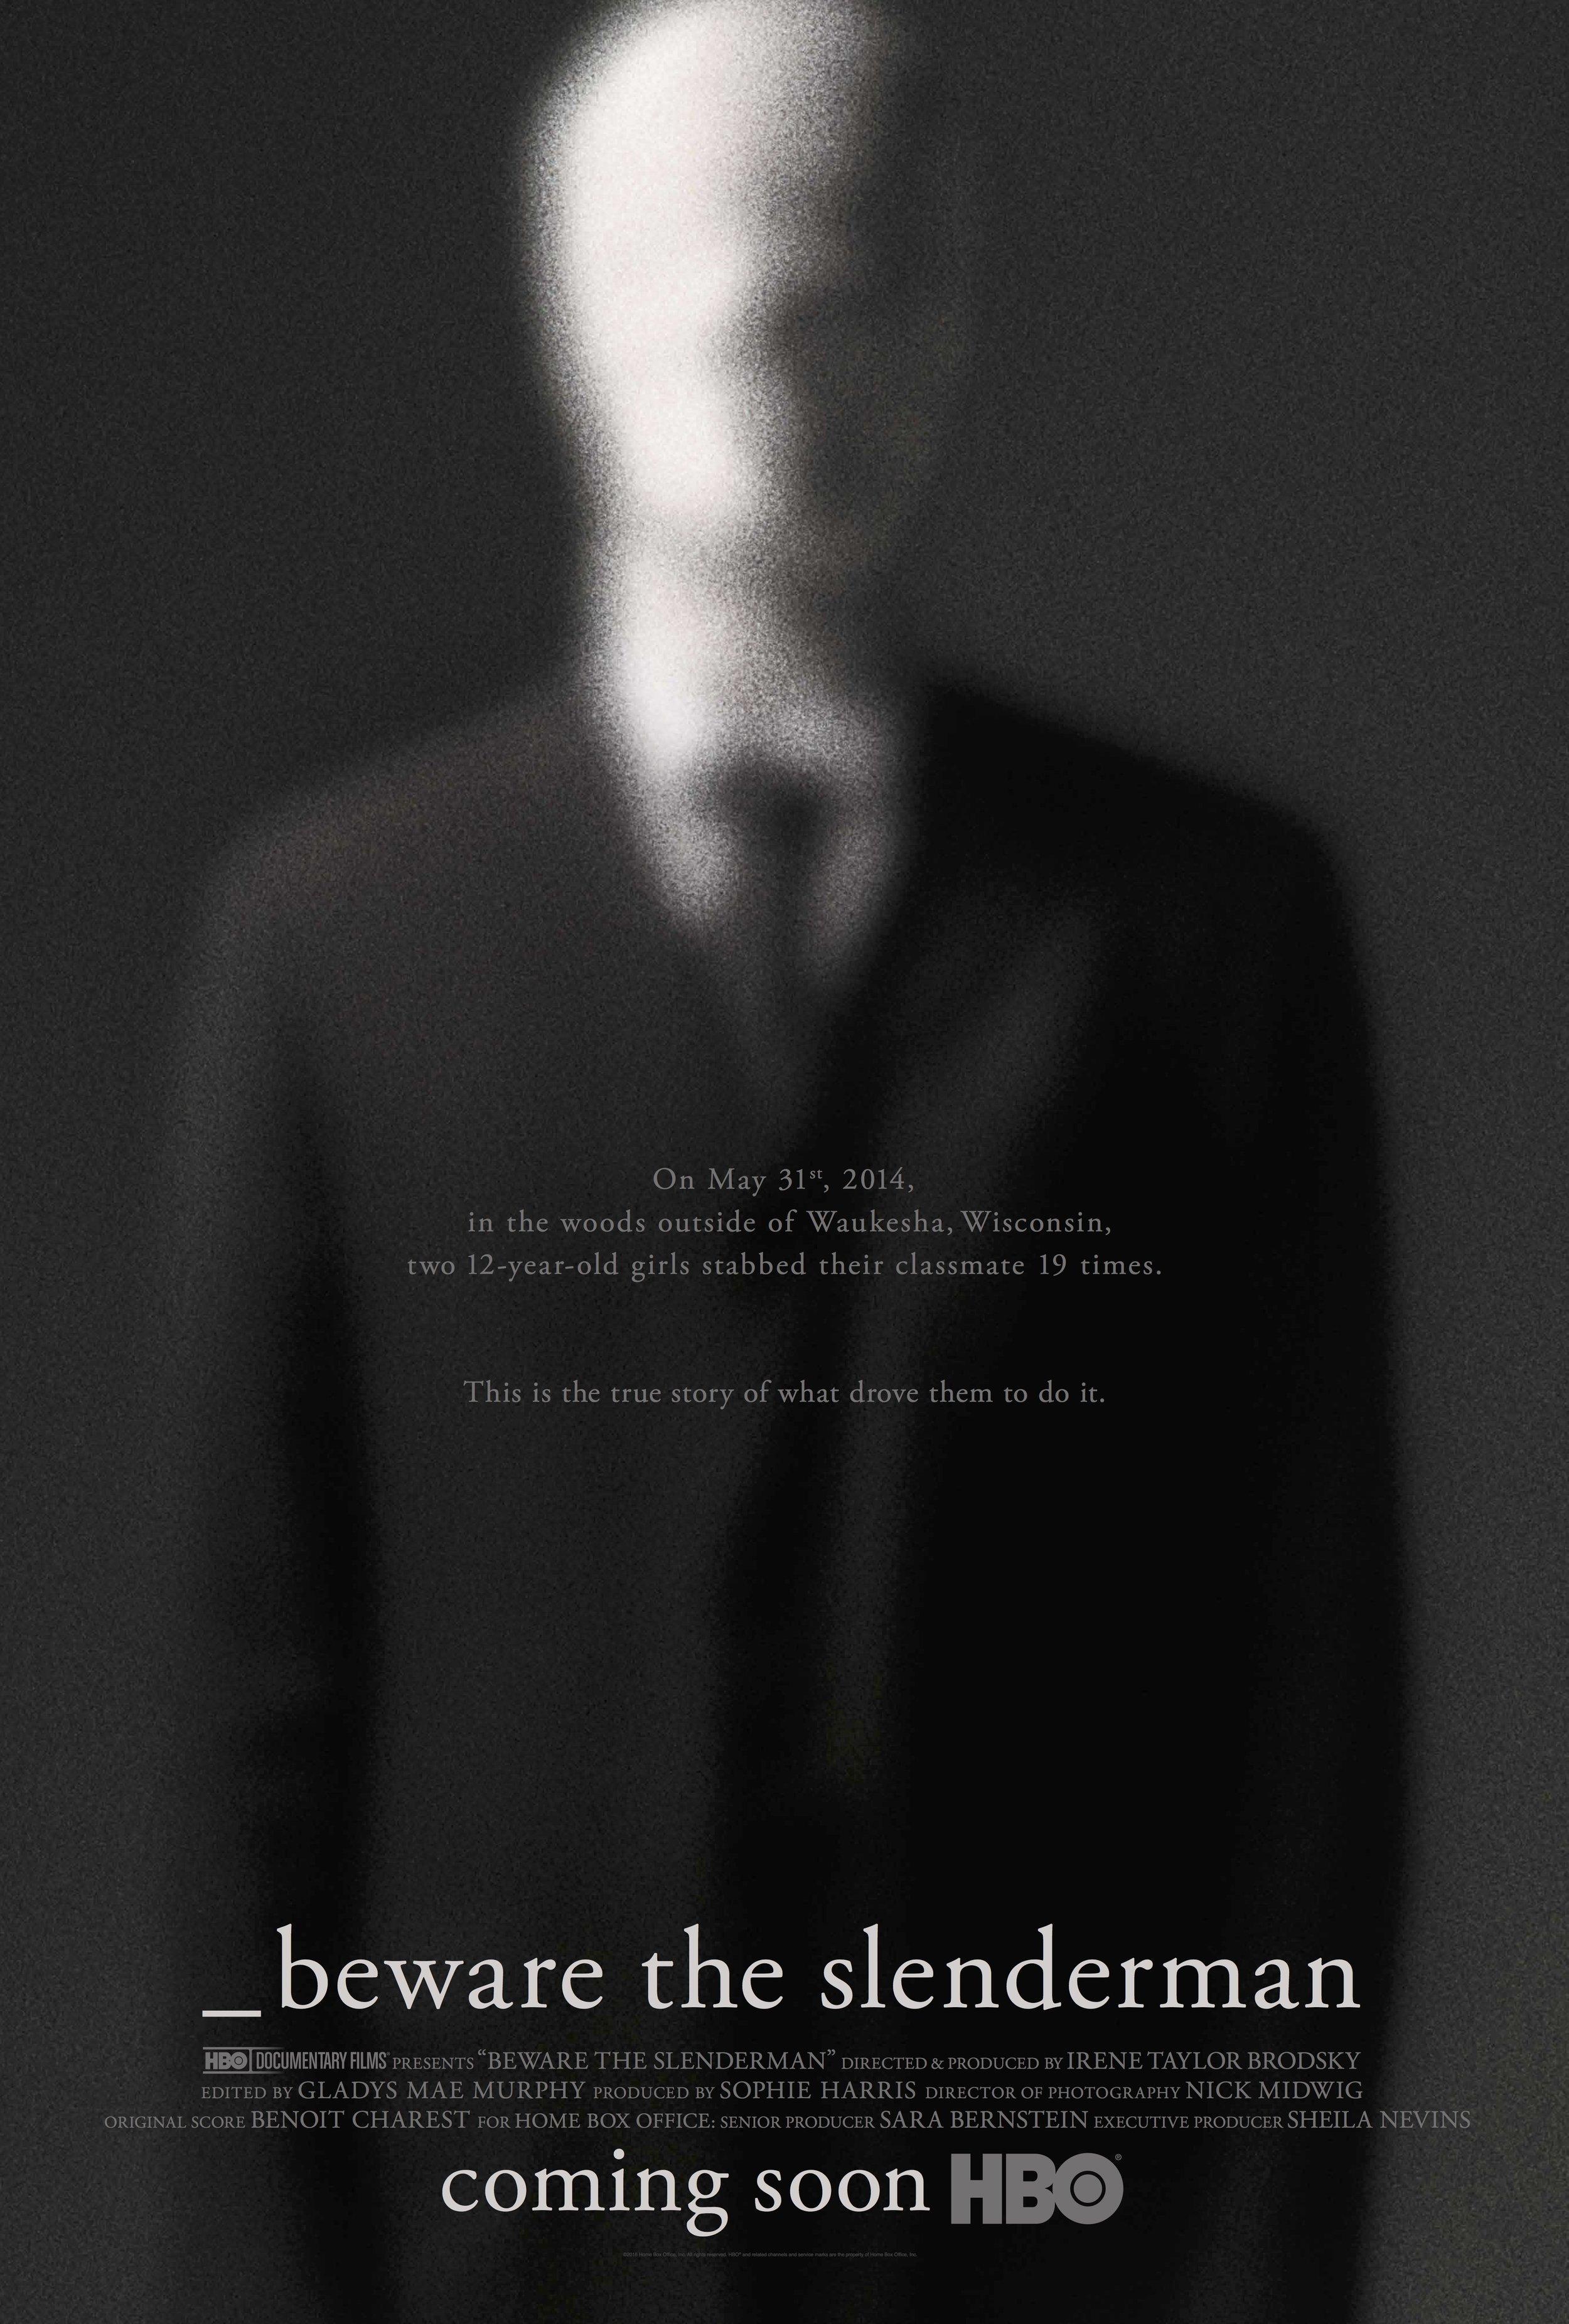 beware-the-slenderman.jpg